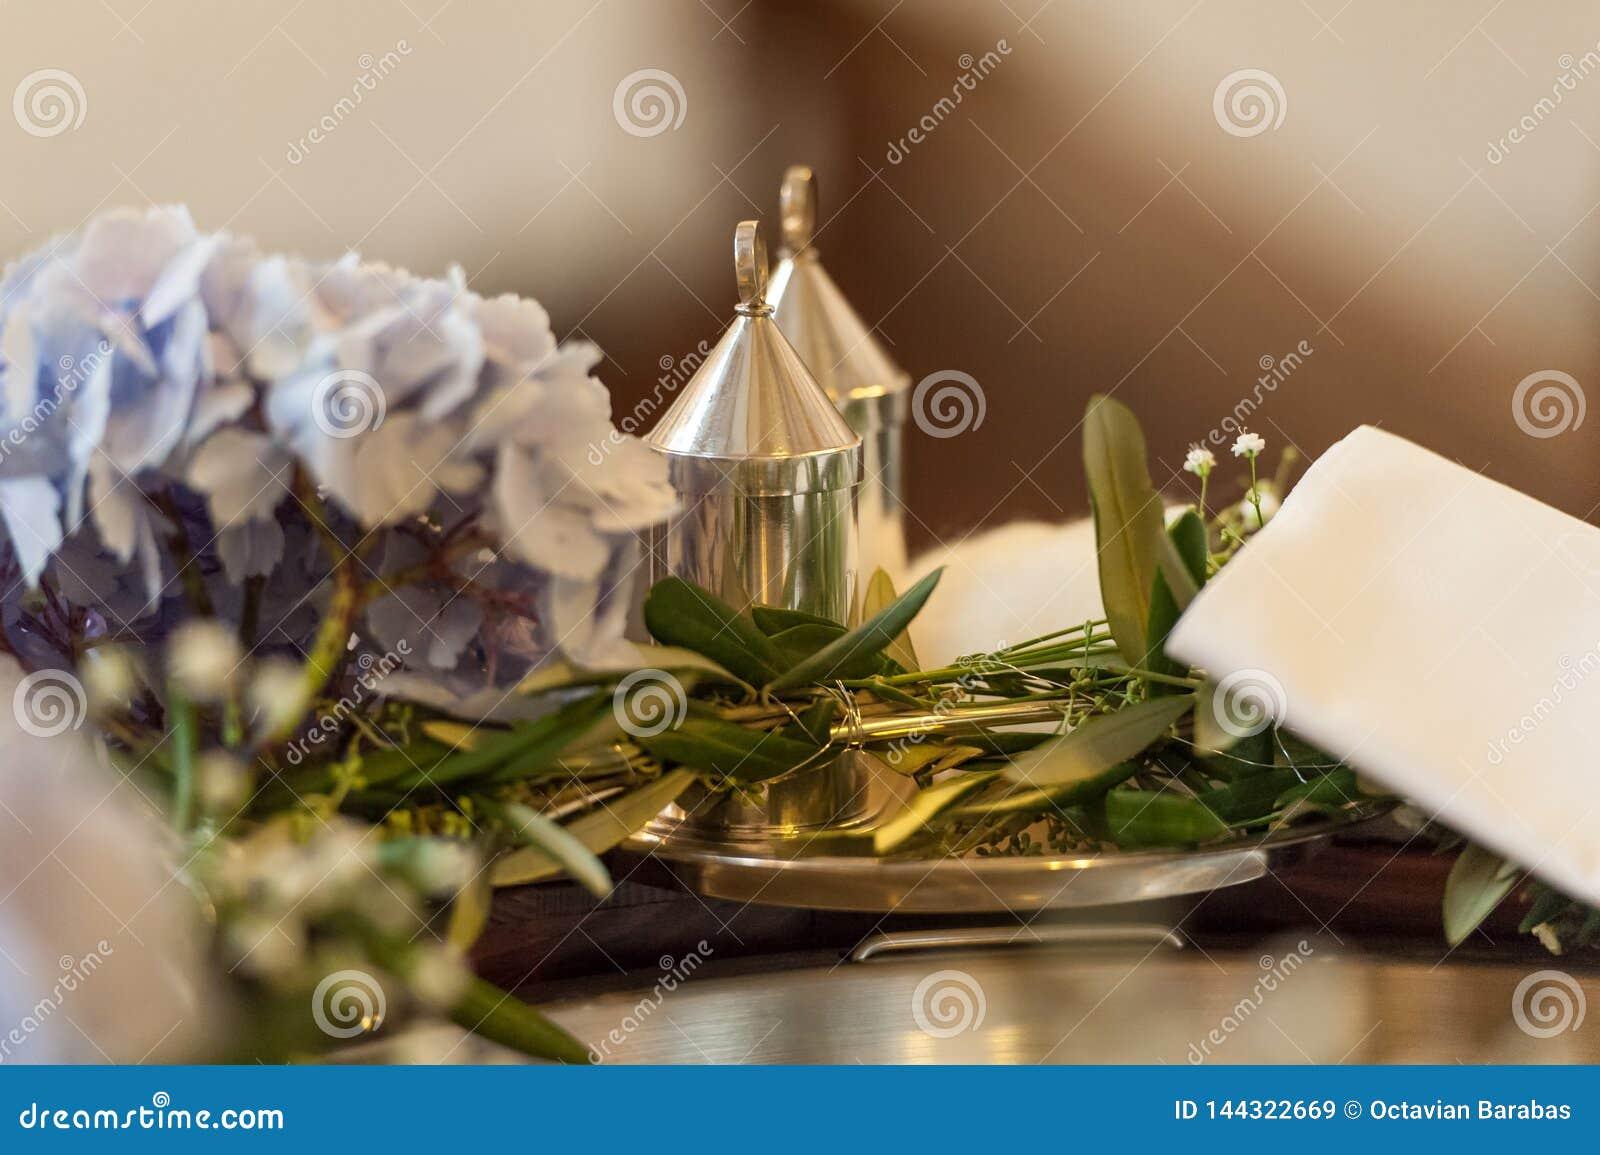 Accessoirs-Einstellung für Hochzeitszeremonie in der Kirche